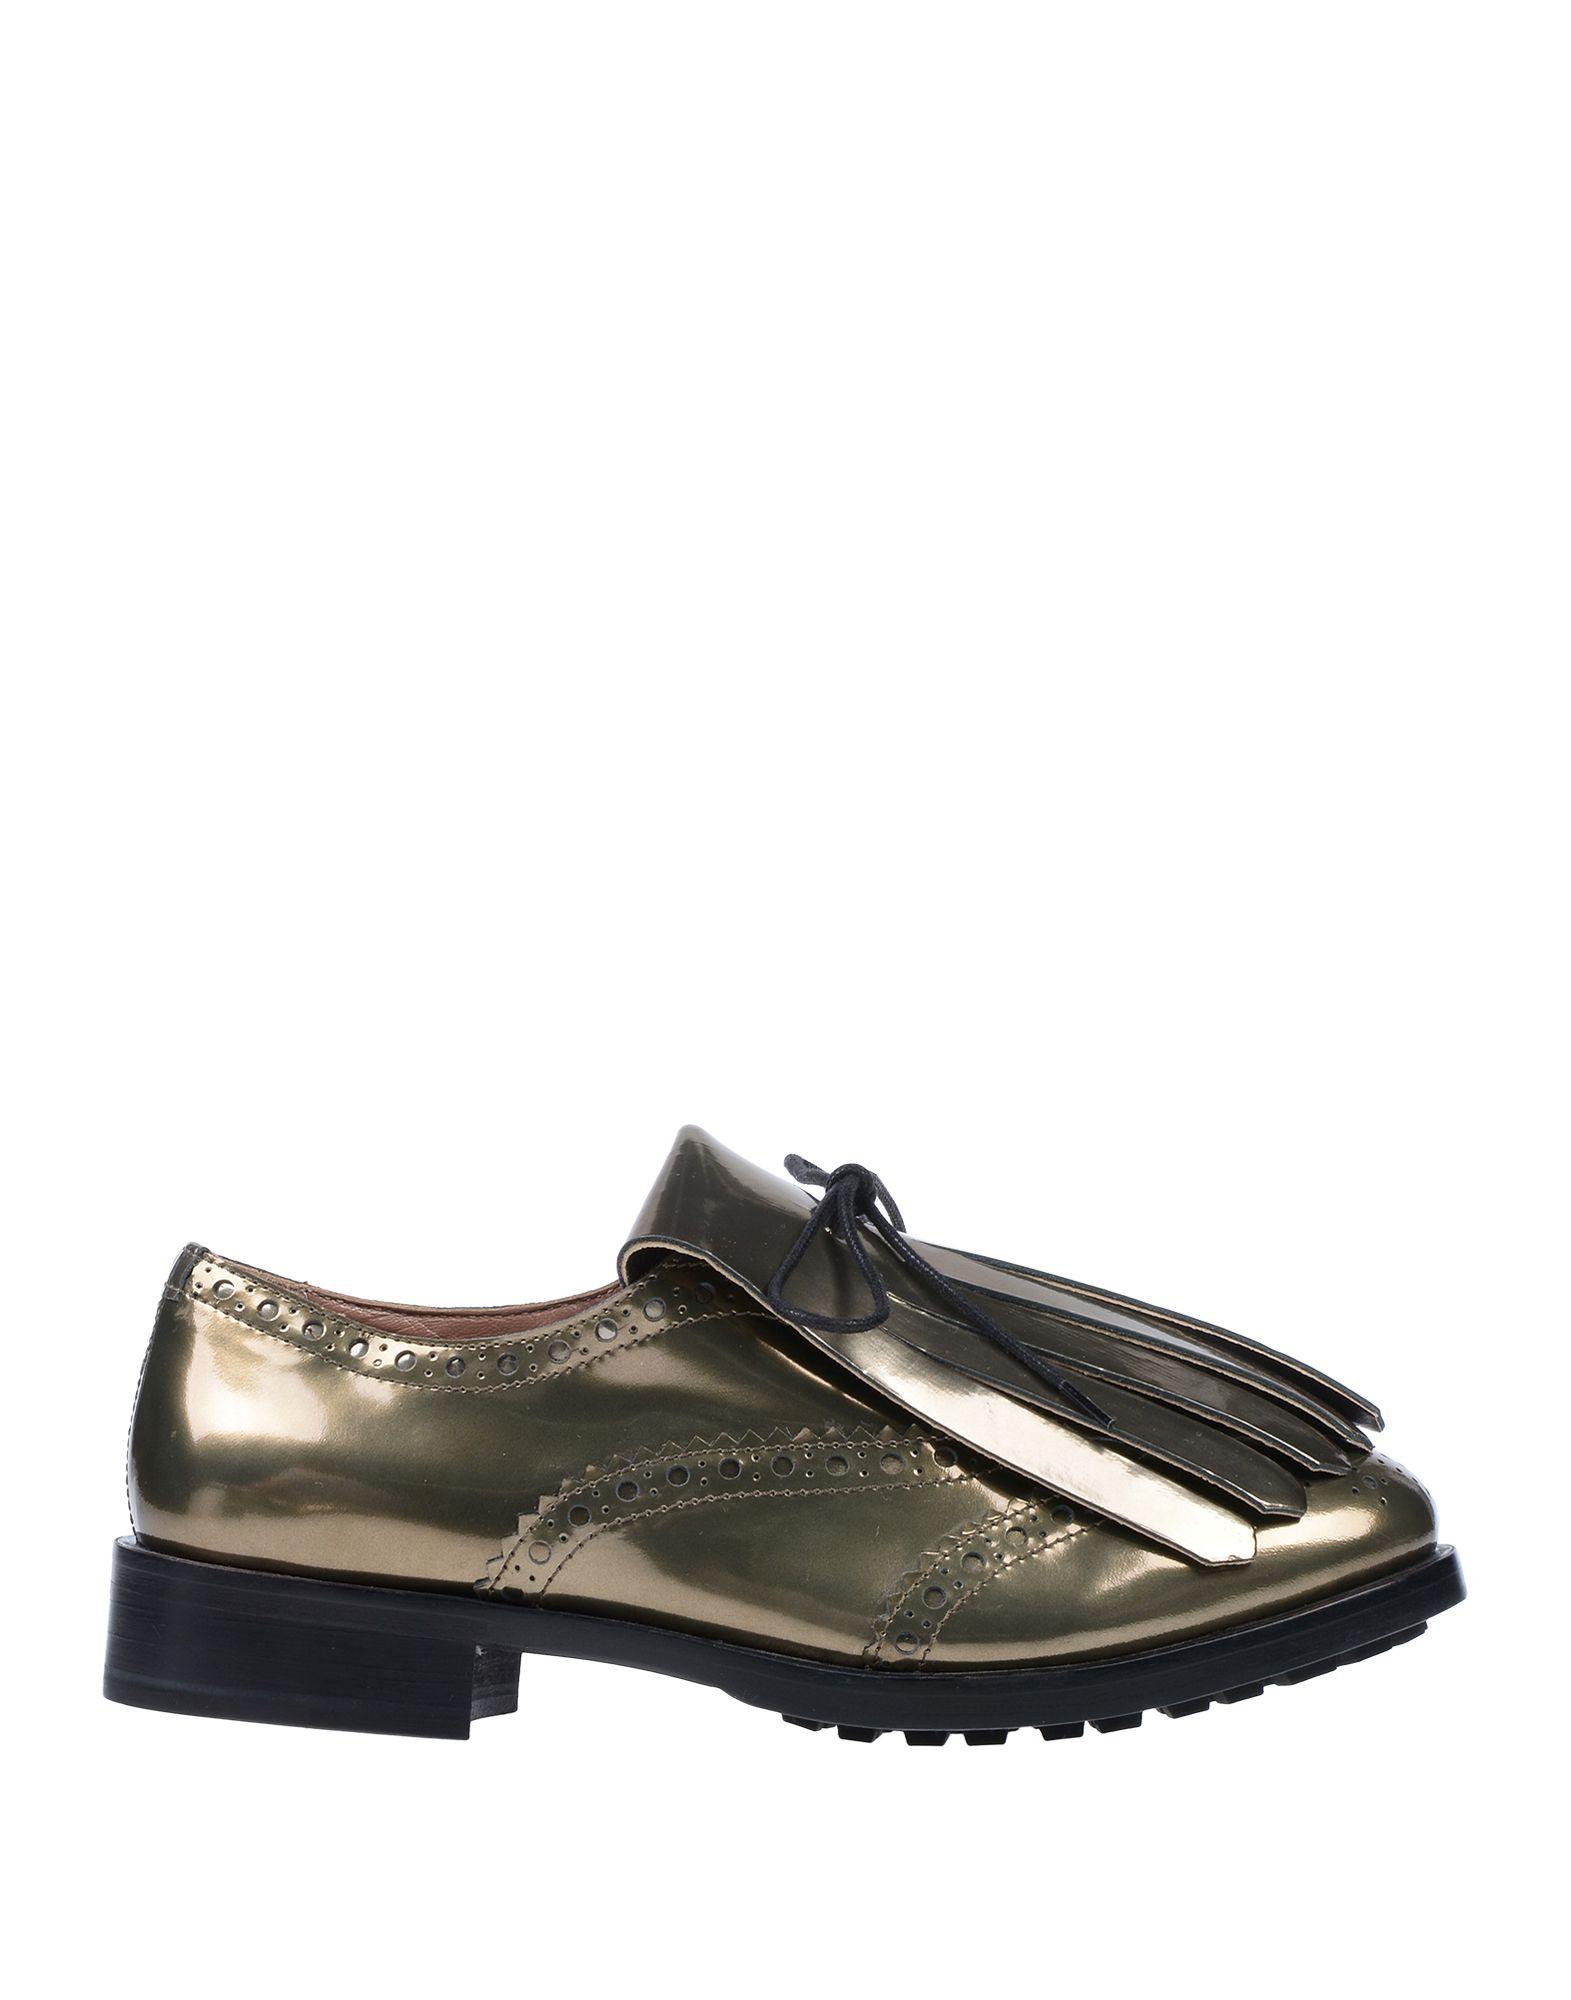 POLLINI Обувь на шнурках 0 7 мм ультра тонкий тонкий алюминиевый металлический бампер рамка чехол для iphone 5 5с